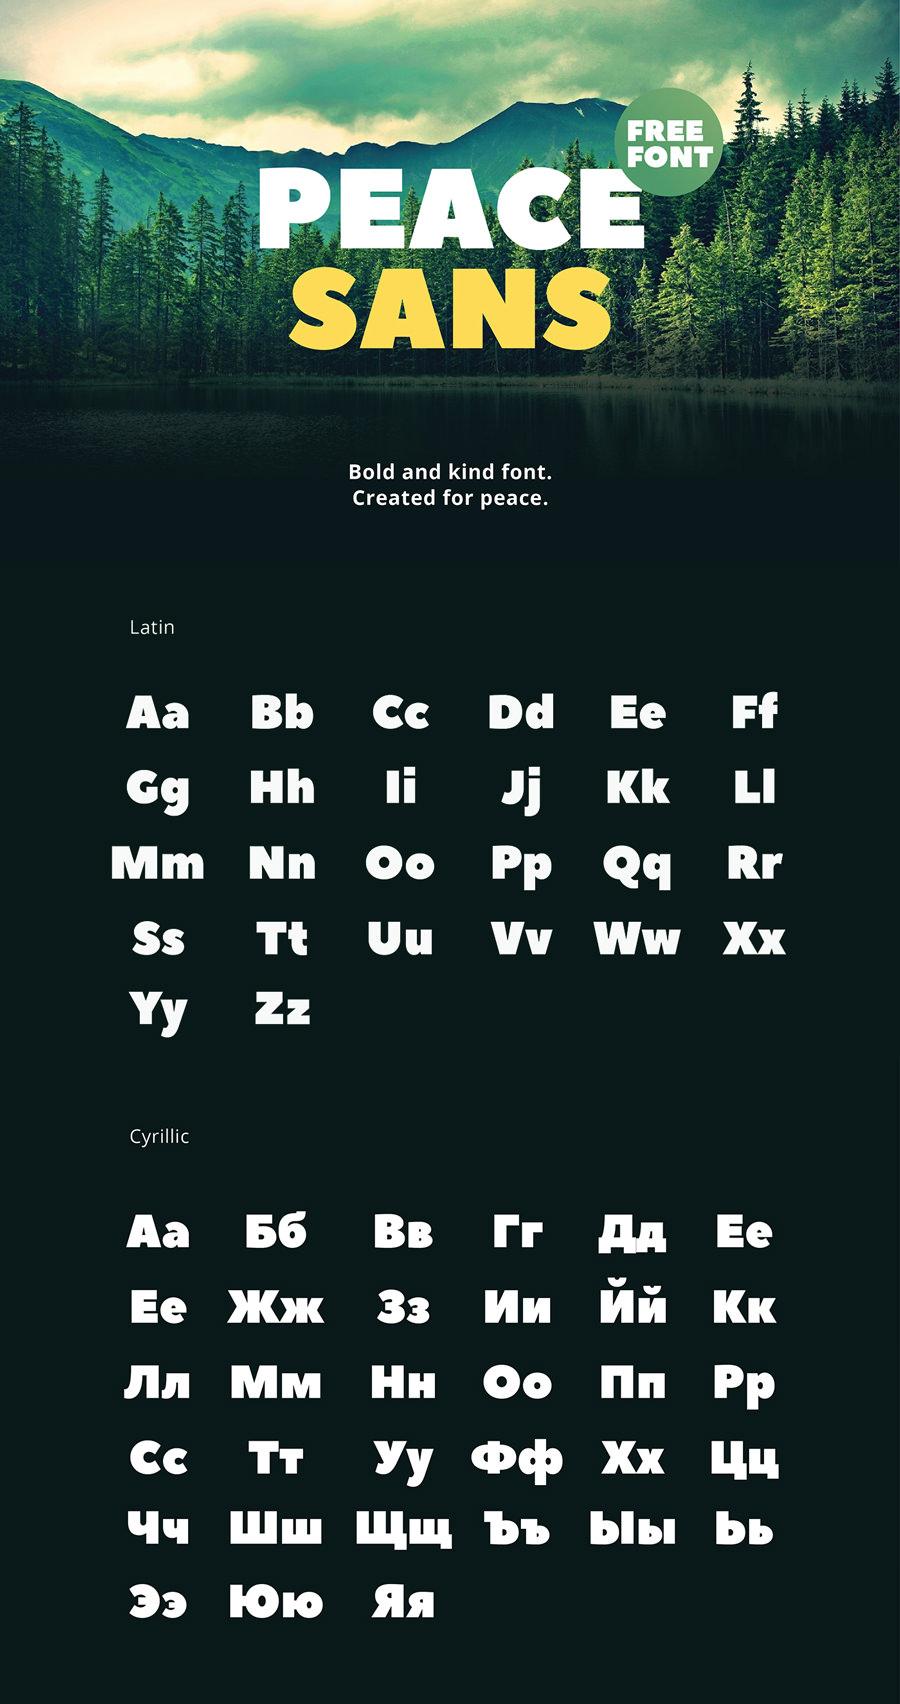 graphicghost_peace_sans_typeface